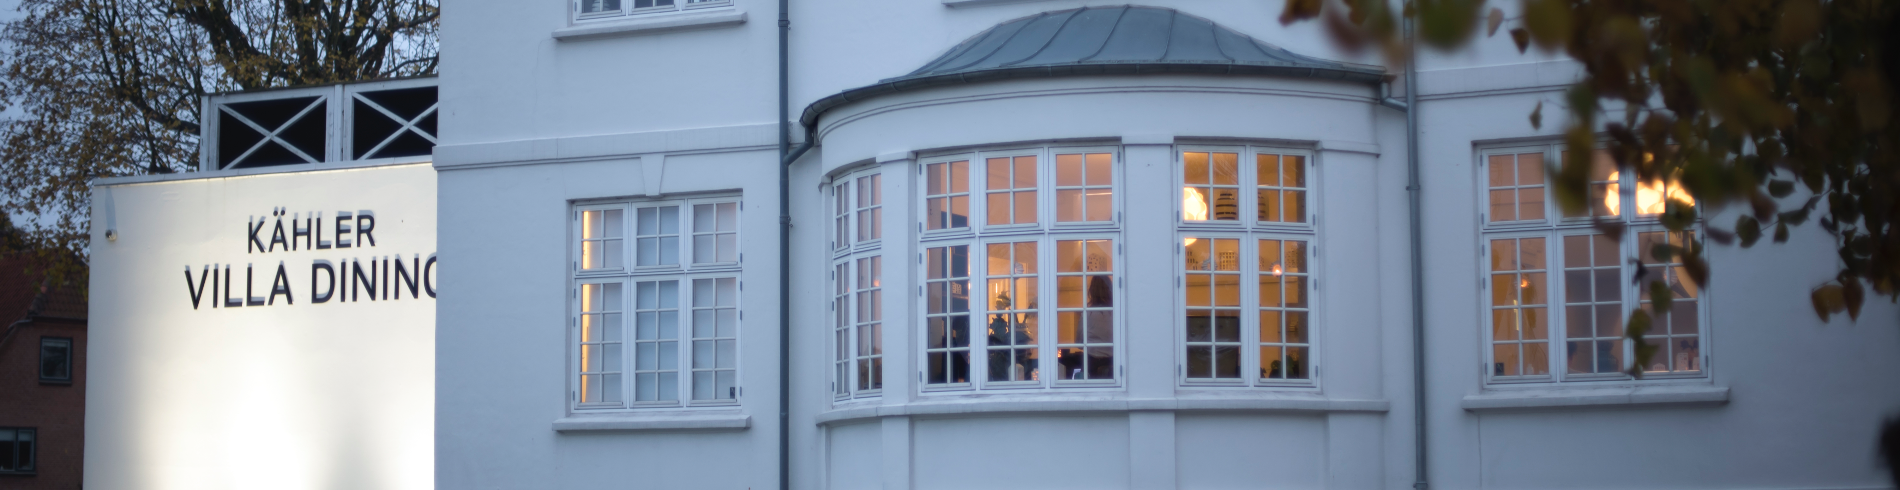 Kähler Villa Dining cover image